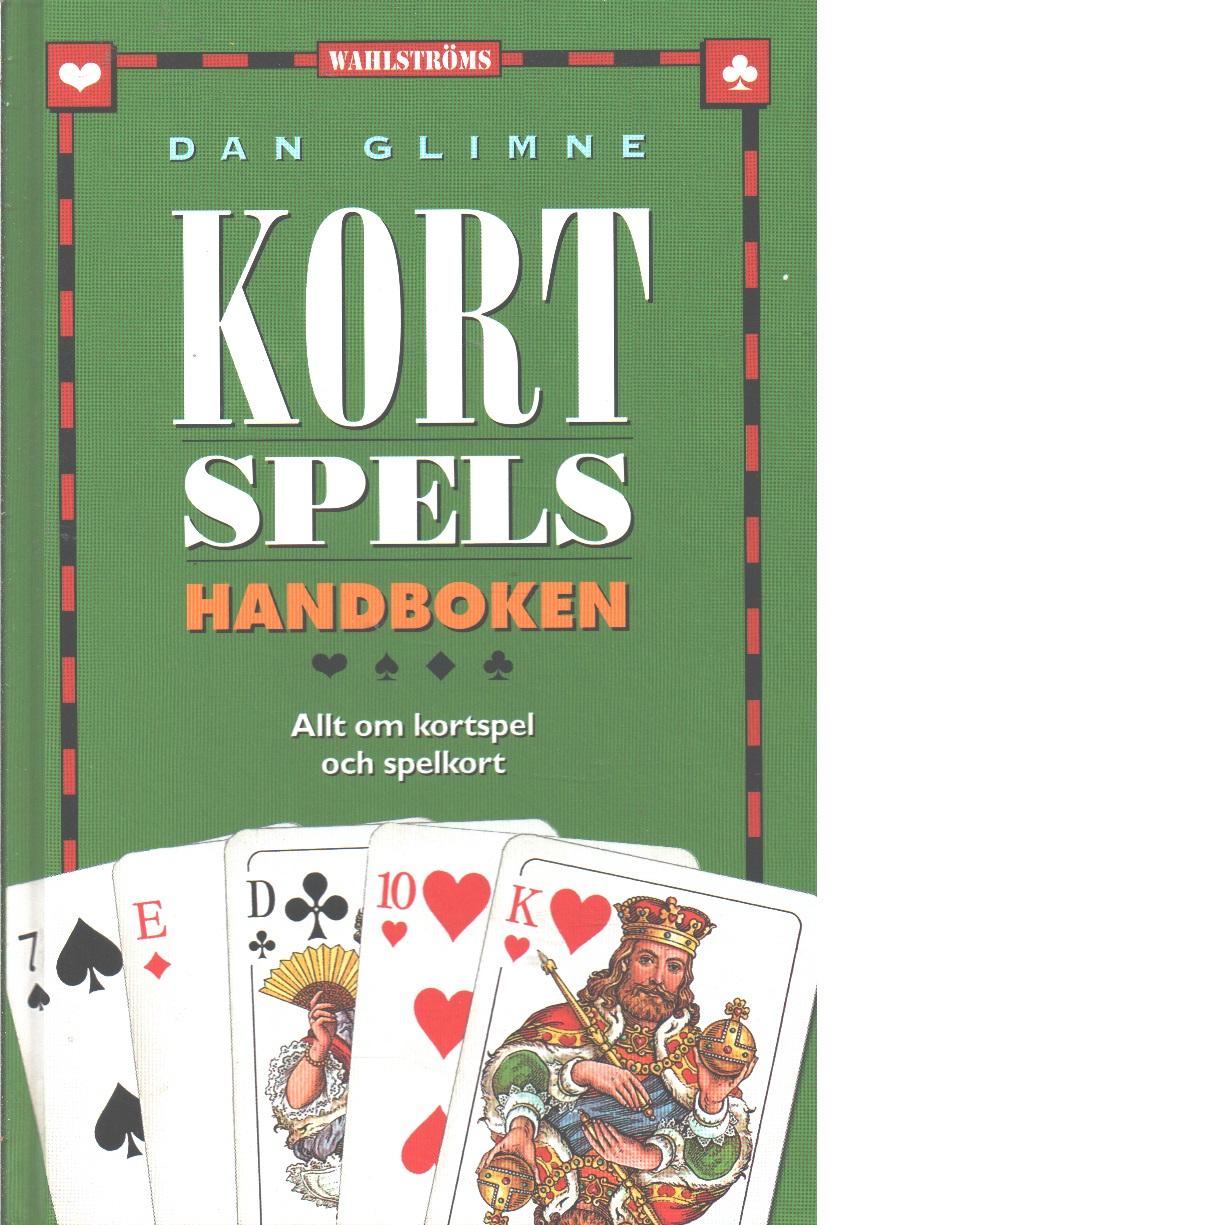 Kortspelshandboken : [allt om kortspel och spelkort] - Glimne, Dan